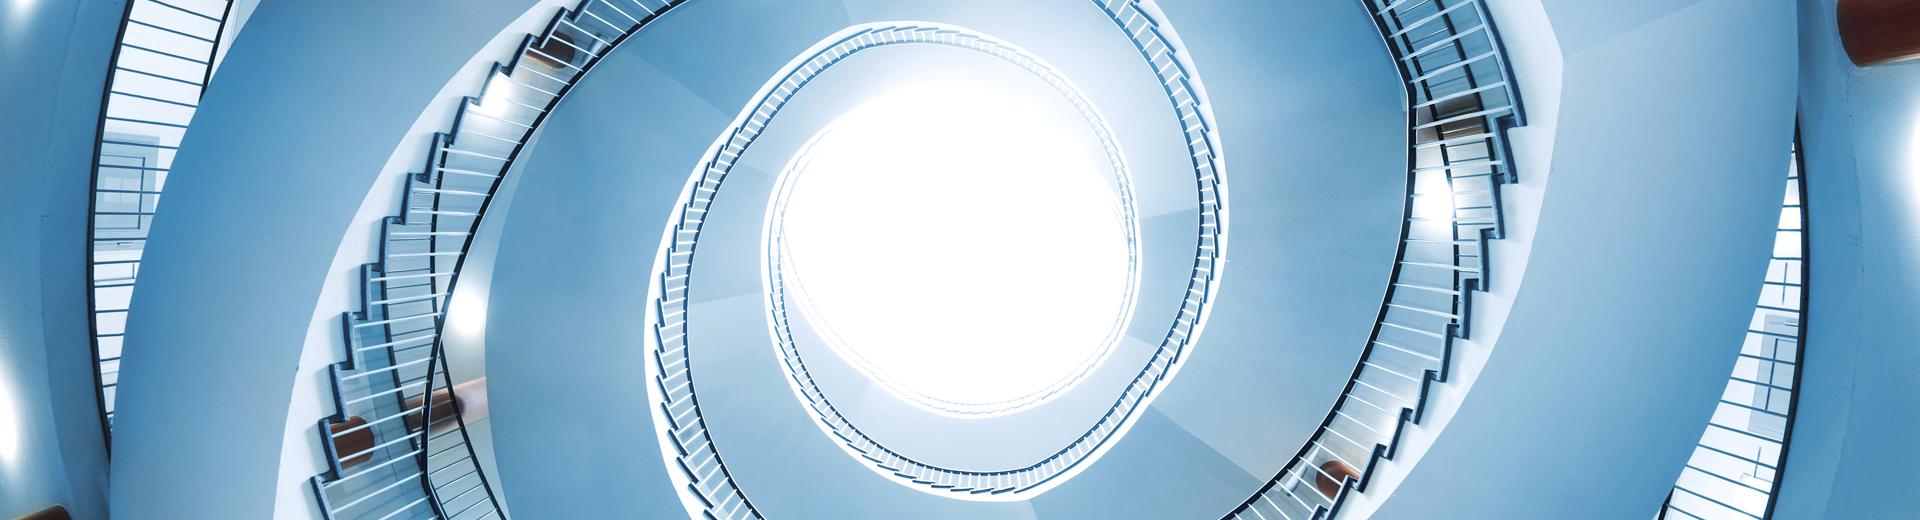 Treppenhaus Spirale